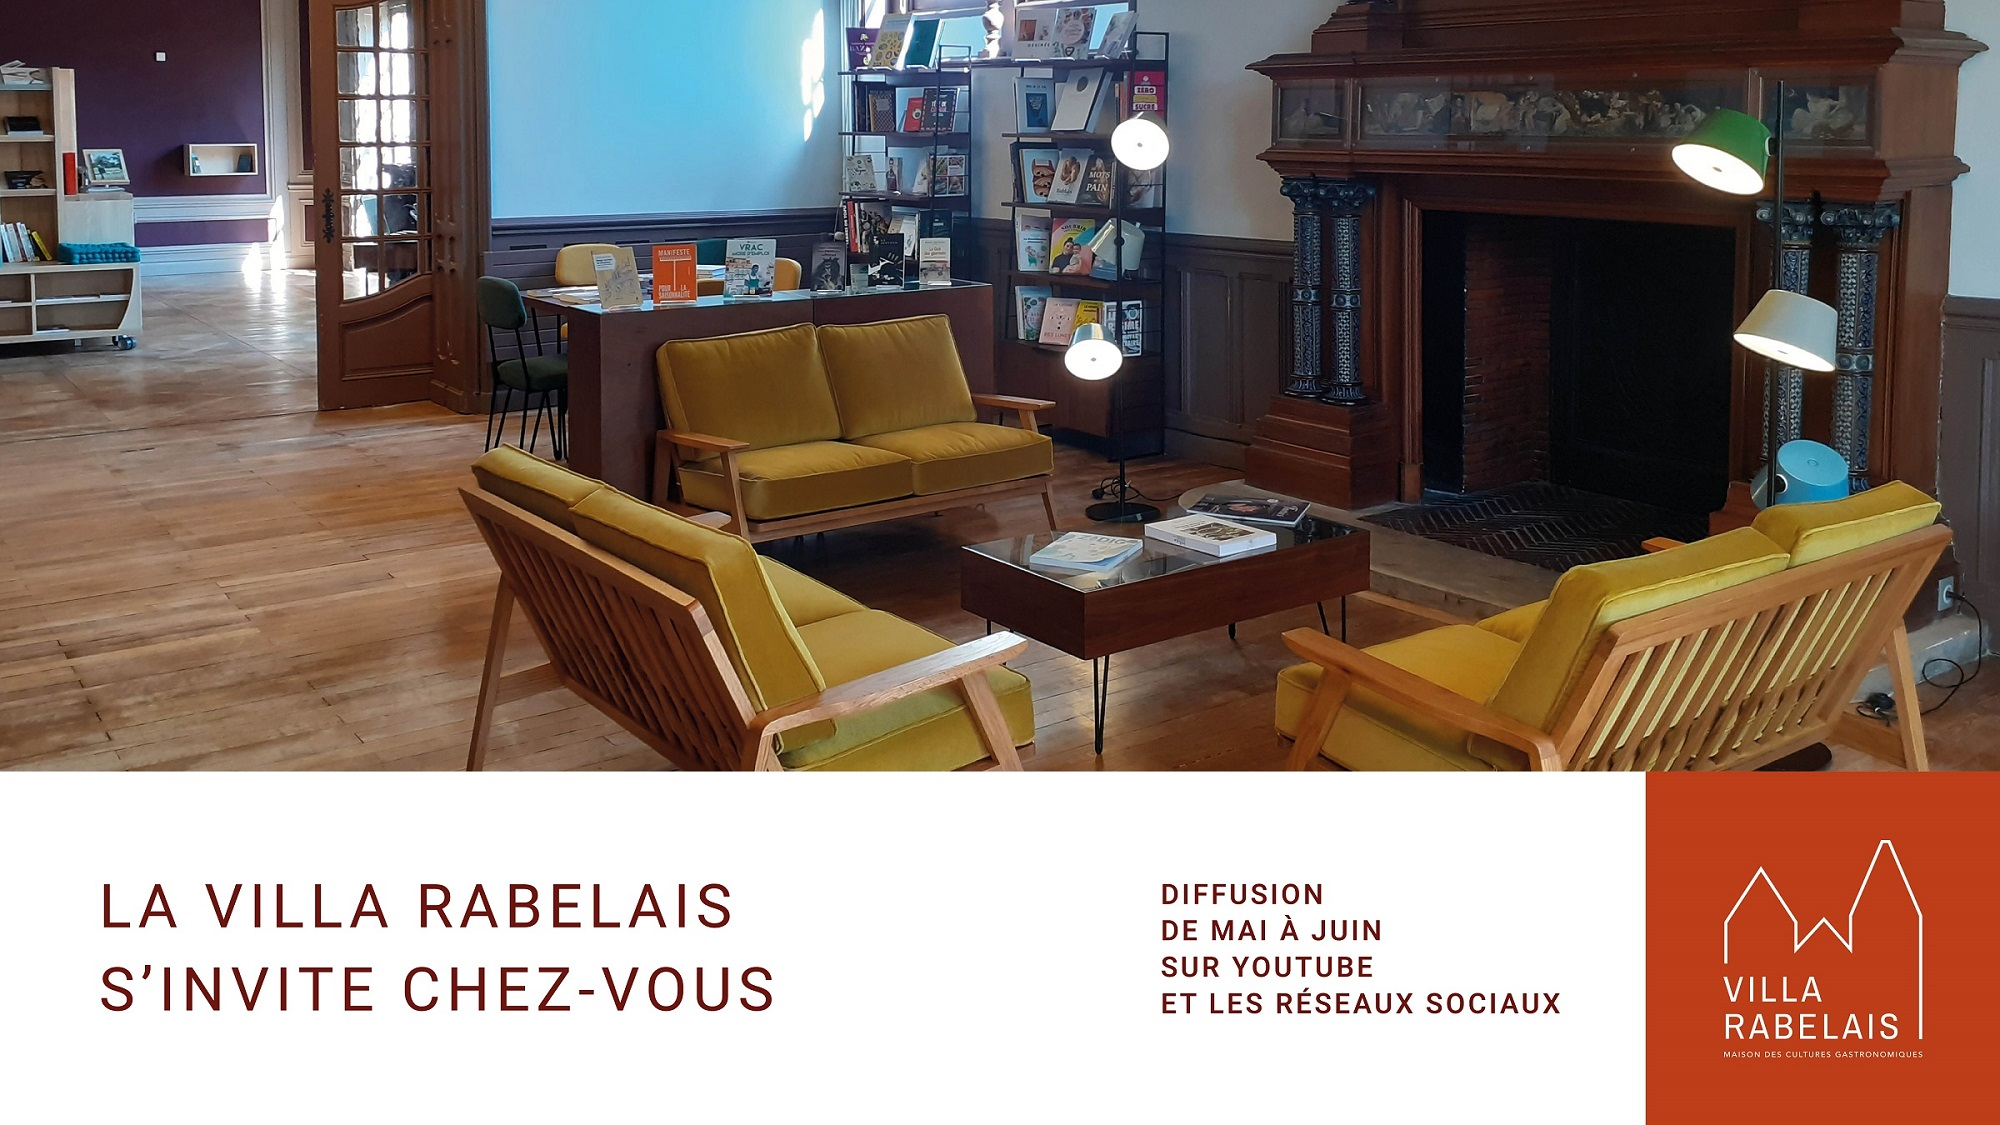 La Villa Rabelais s'invite chez vous